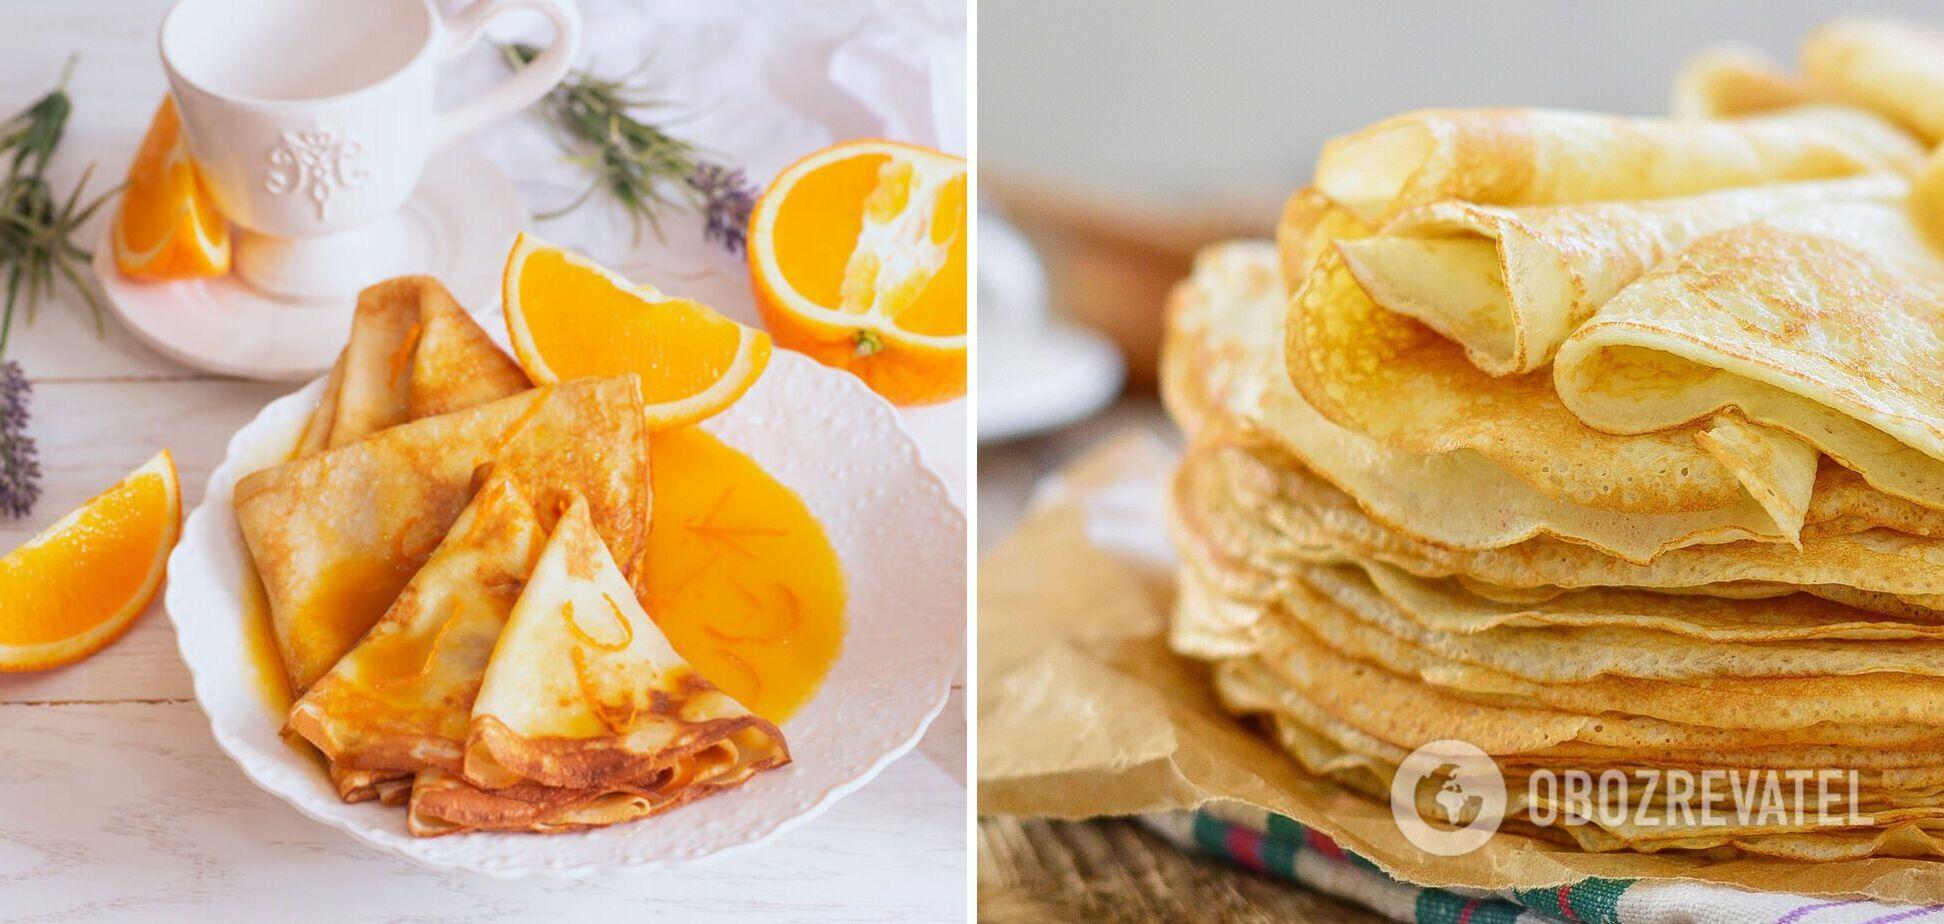 Блины с творогом в апельсиновом соусе